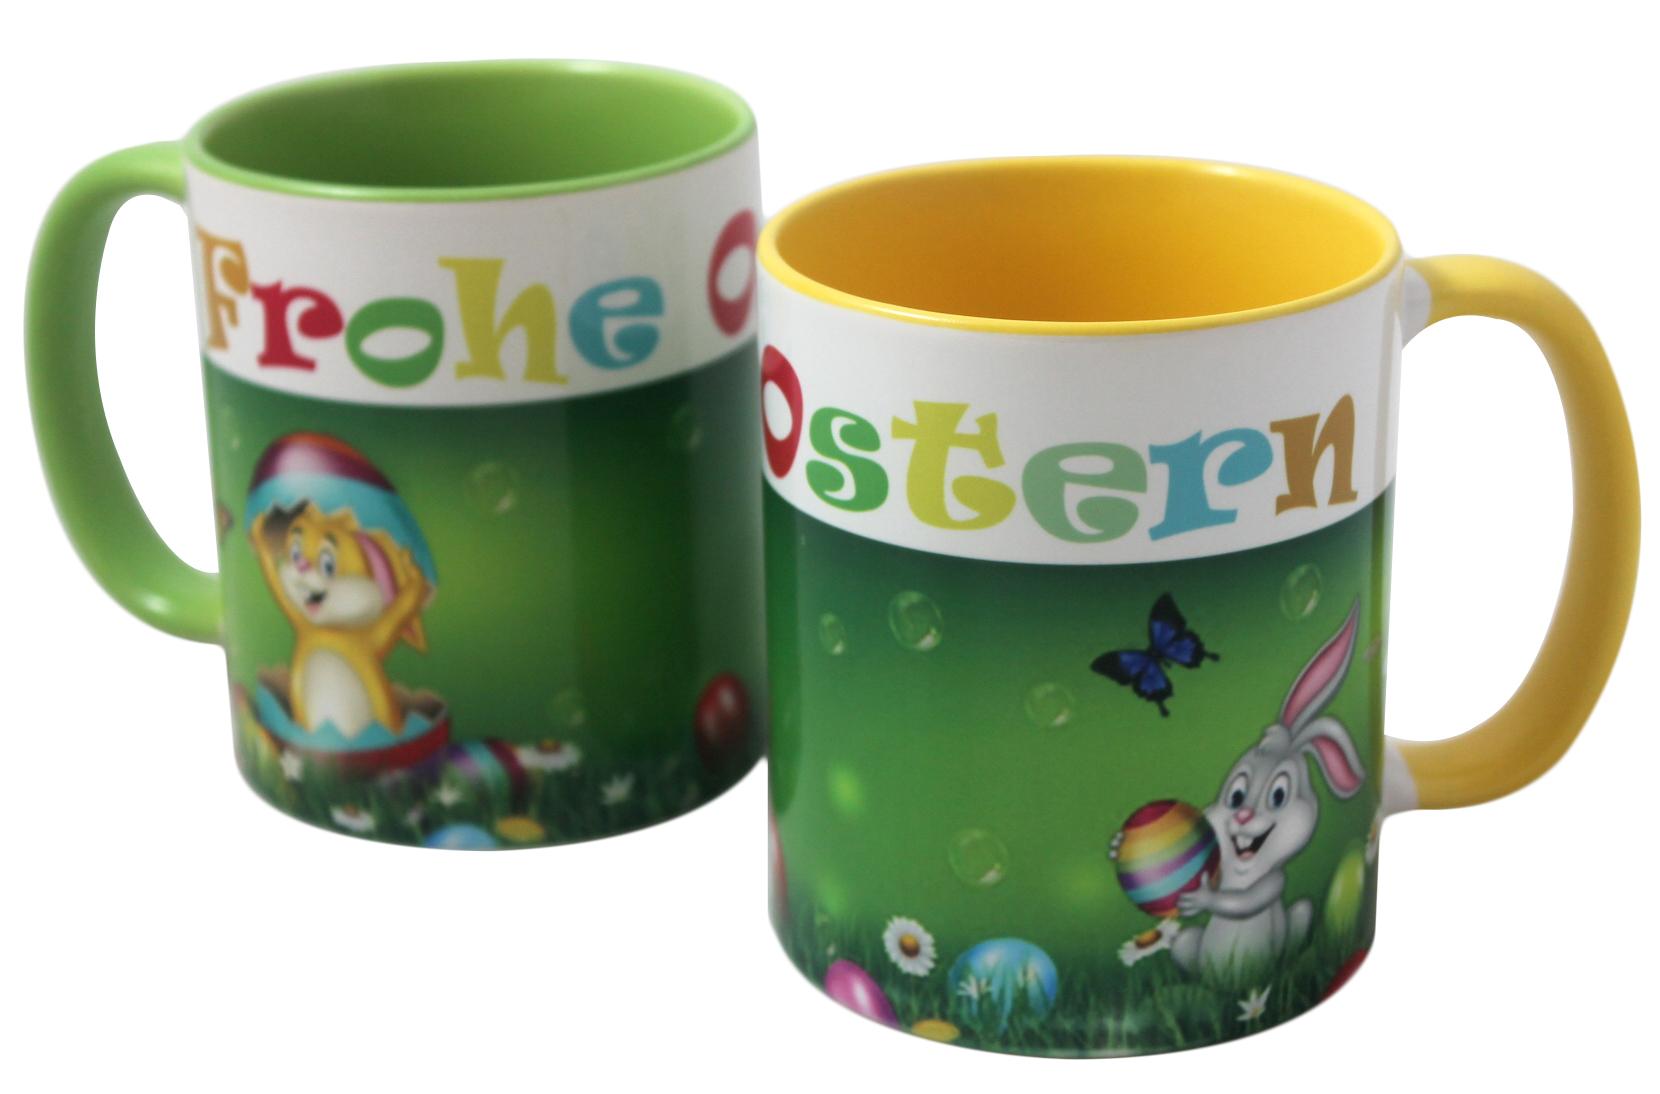 Tasse Frohe Ostern Ostertasse gelb oder grün